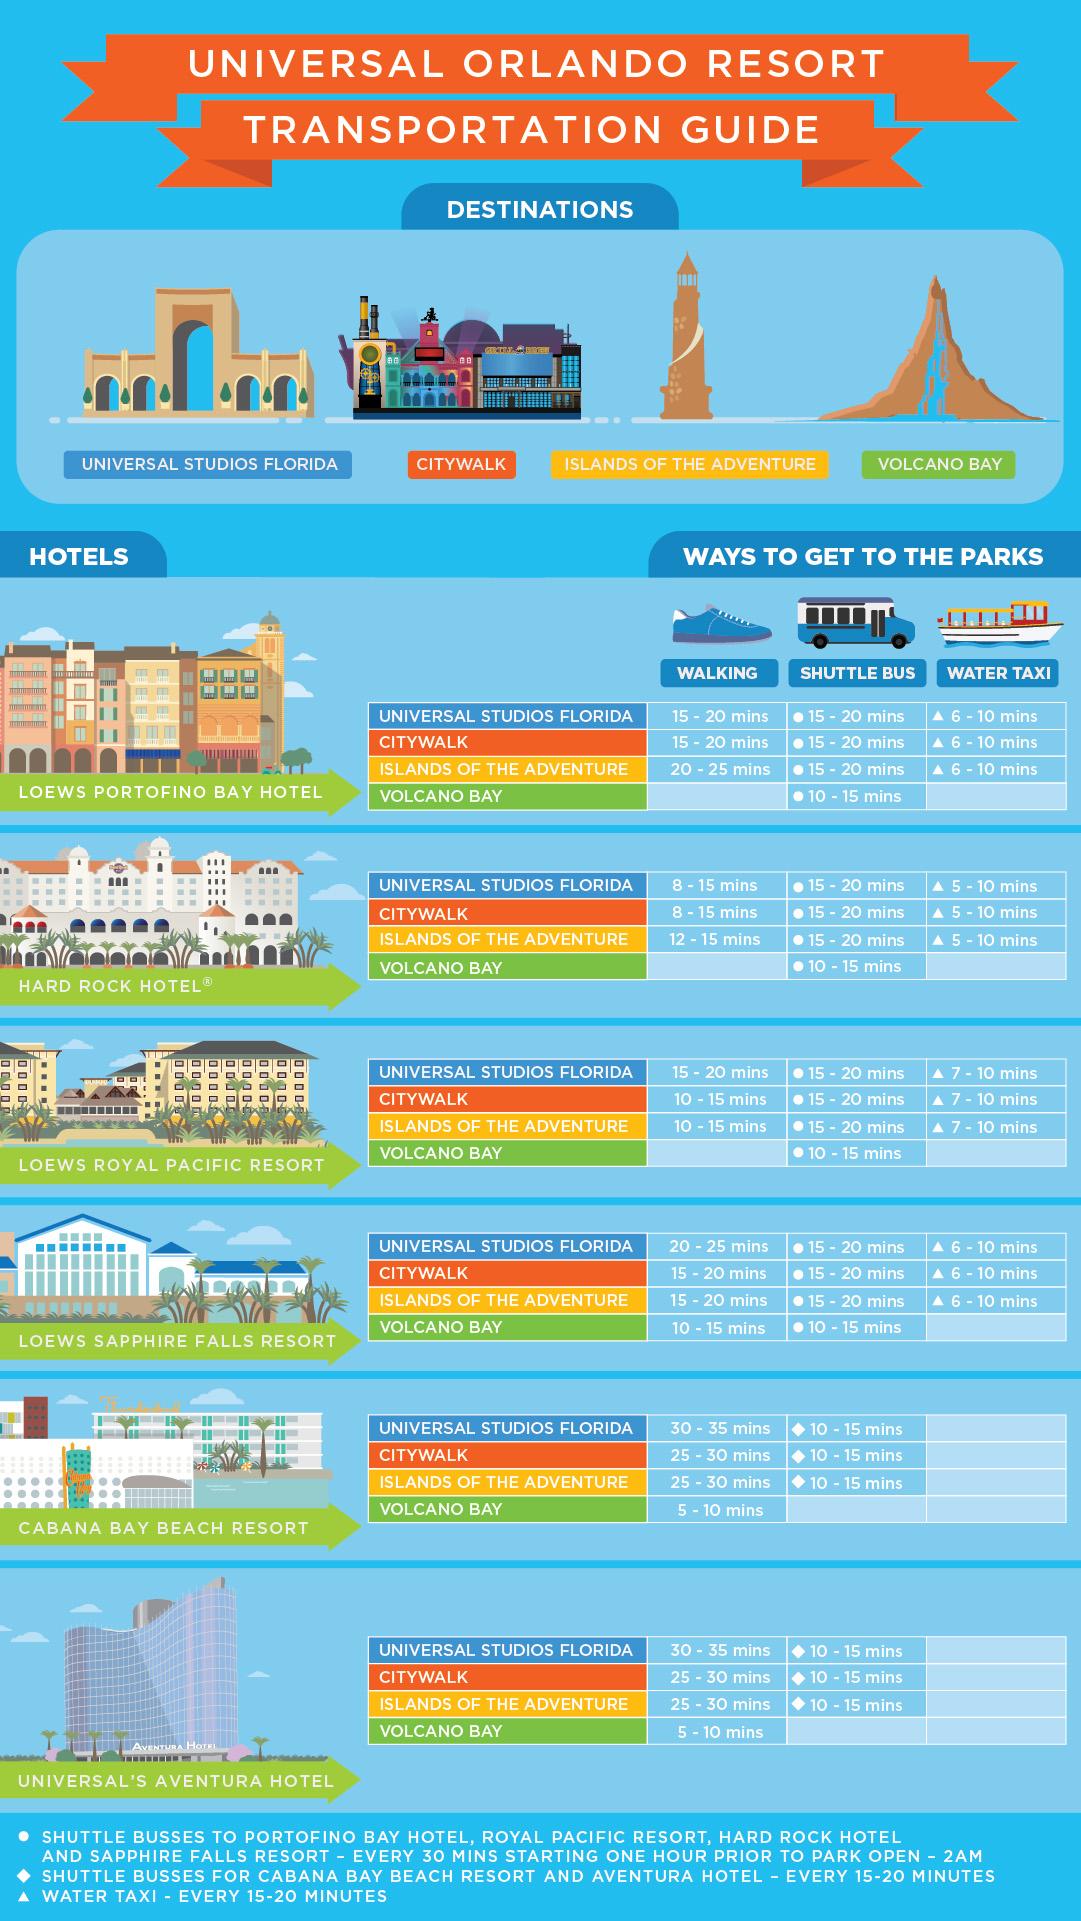 Universal Orlando Resort transportation guide